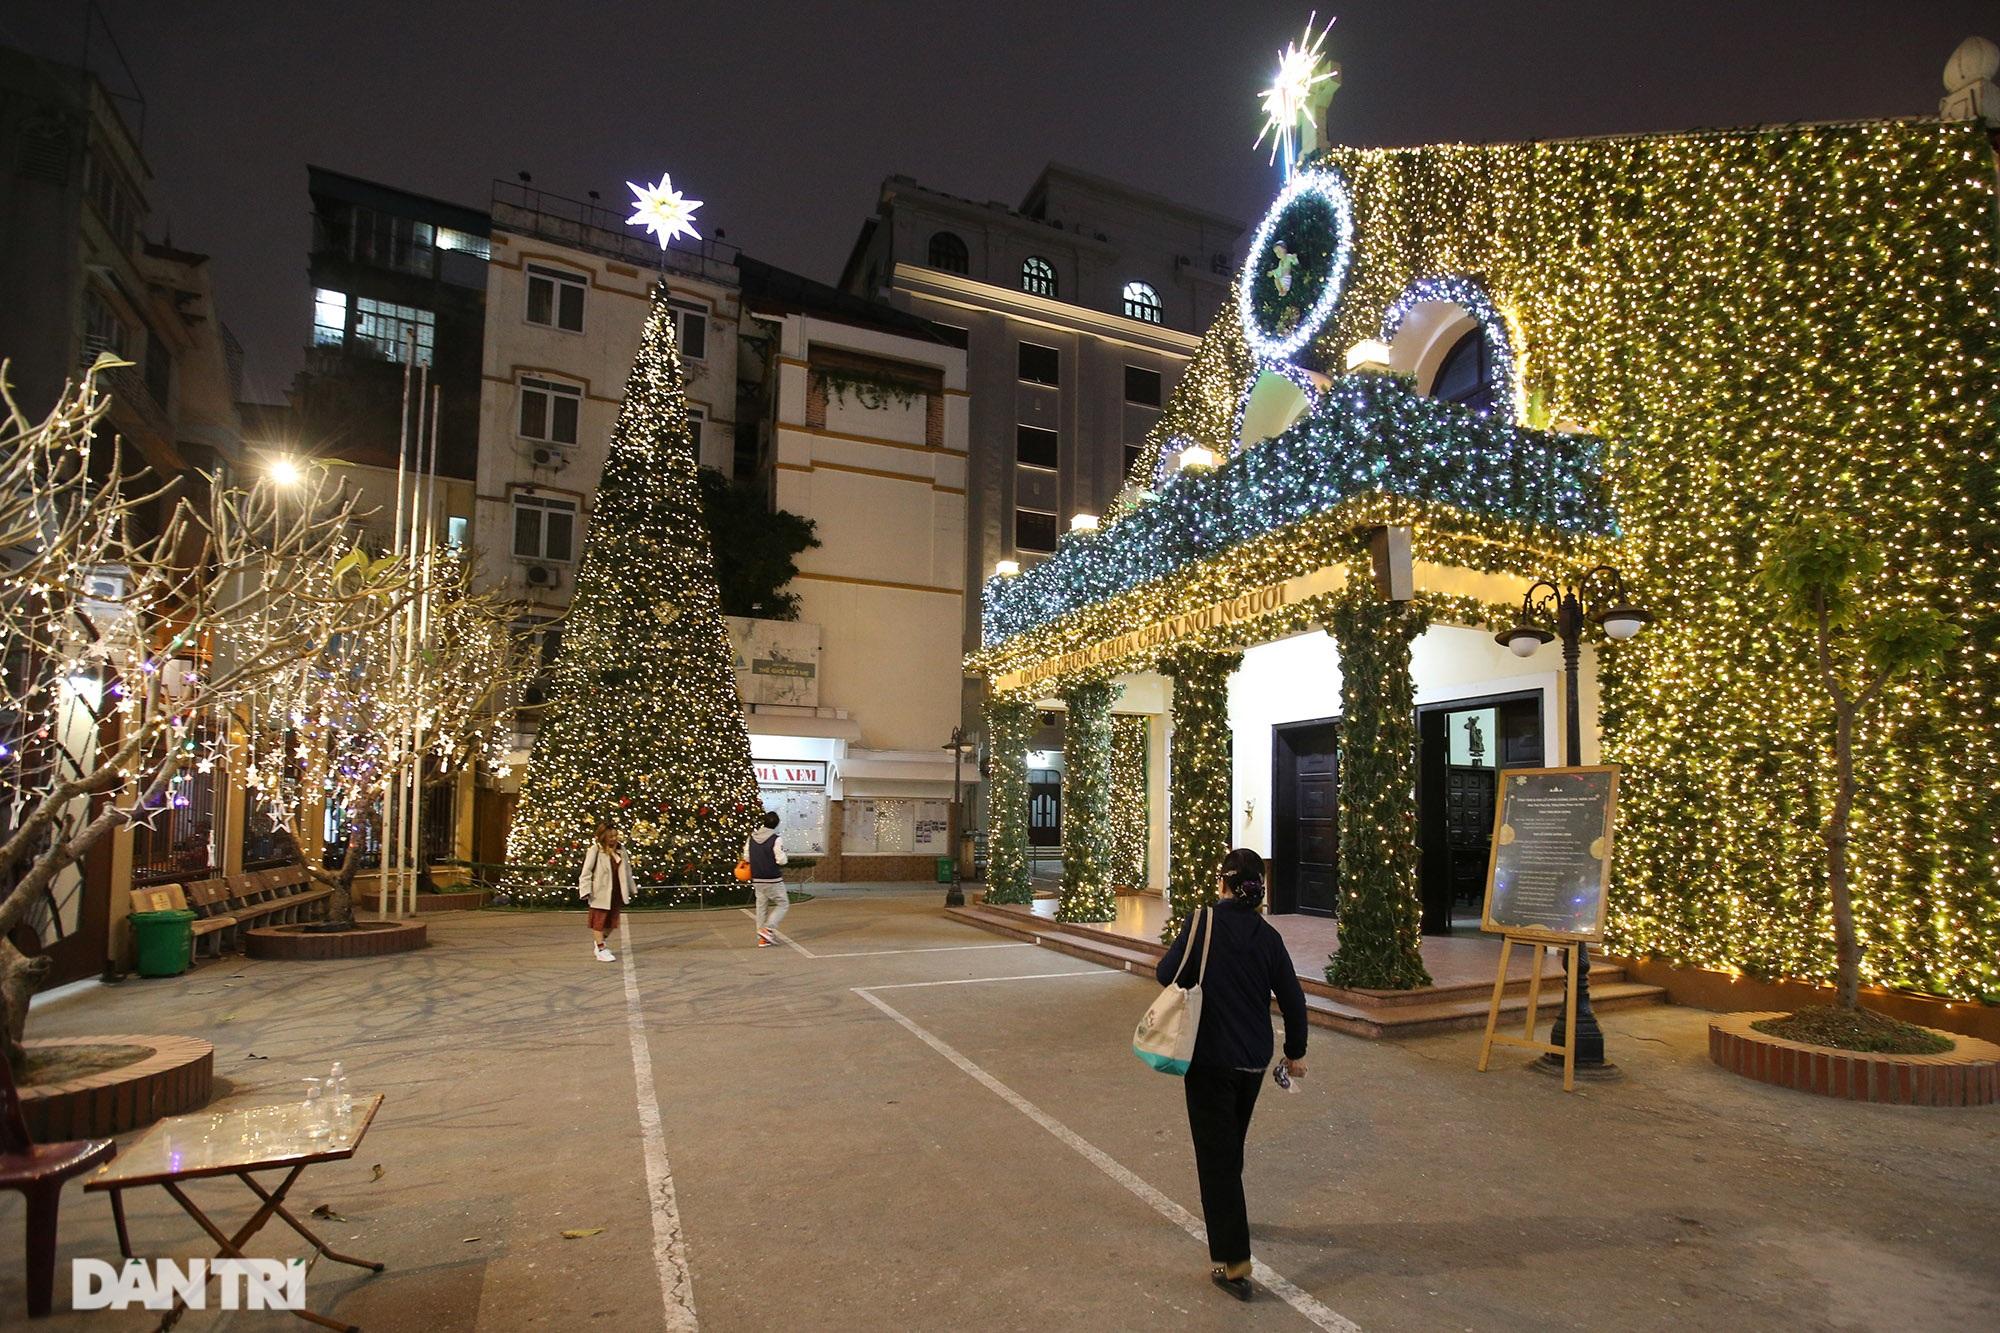 Các nhà thờ tại Hà Nội nhộn nhịp, trang hoàng chờ đón Giáng sinh 2020 - 6